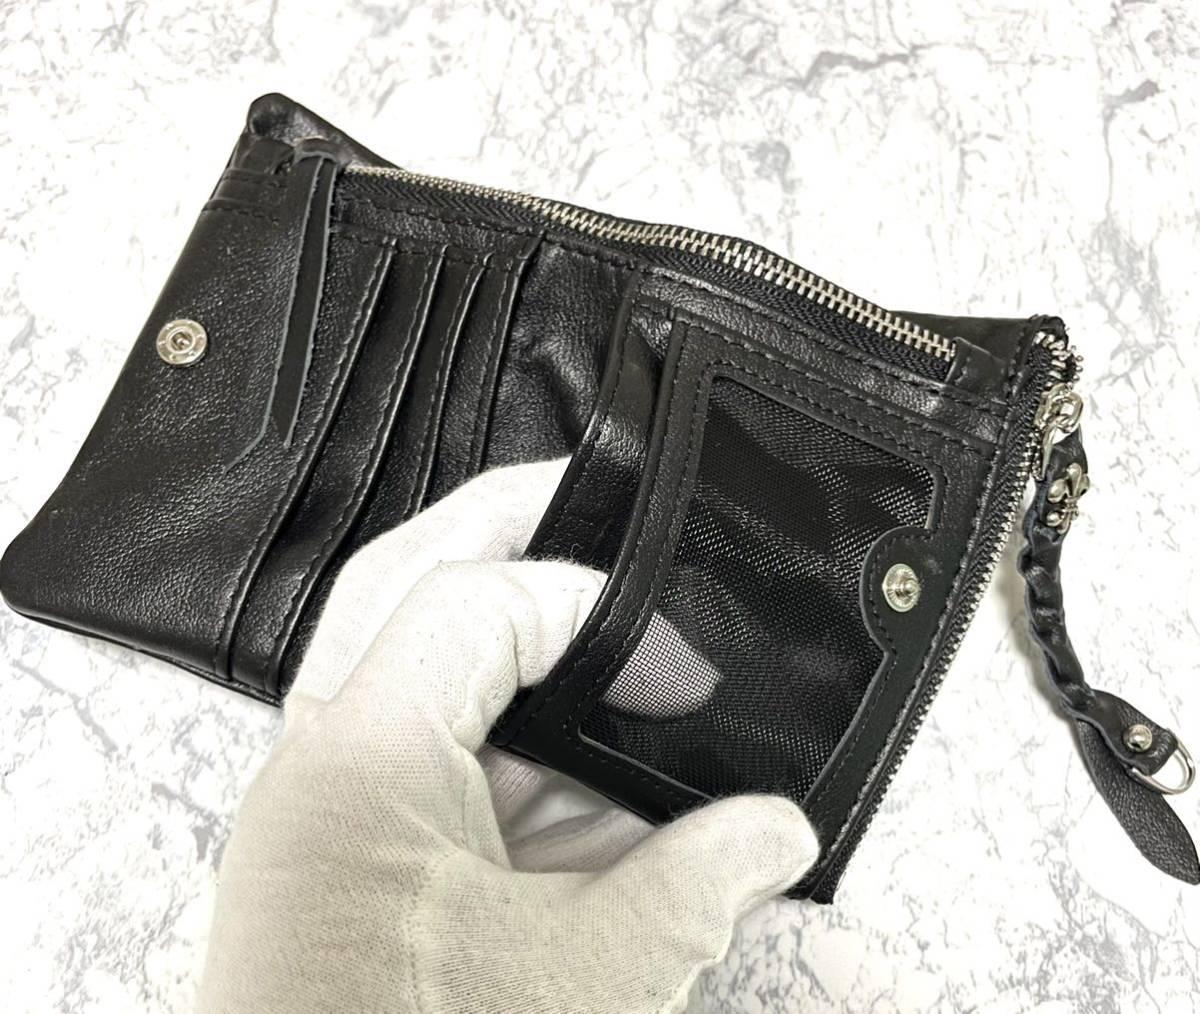 ミドル 財布 メンズ 二つ折り財布 本革 牛革 クロム クロムレザー バイカー 新品 バイク 送料無料 一円 1円 黒 ブラック_画像8